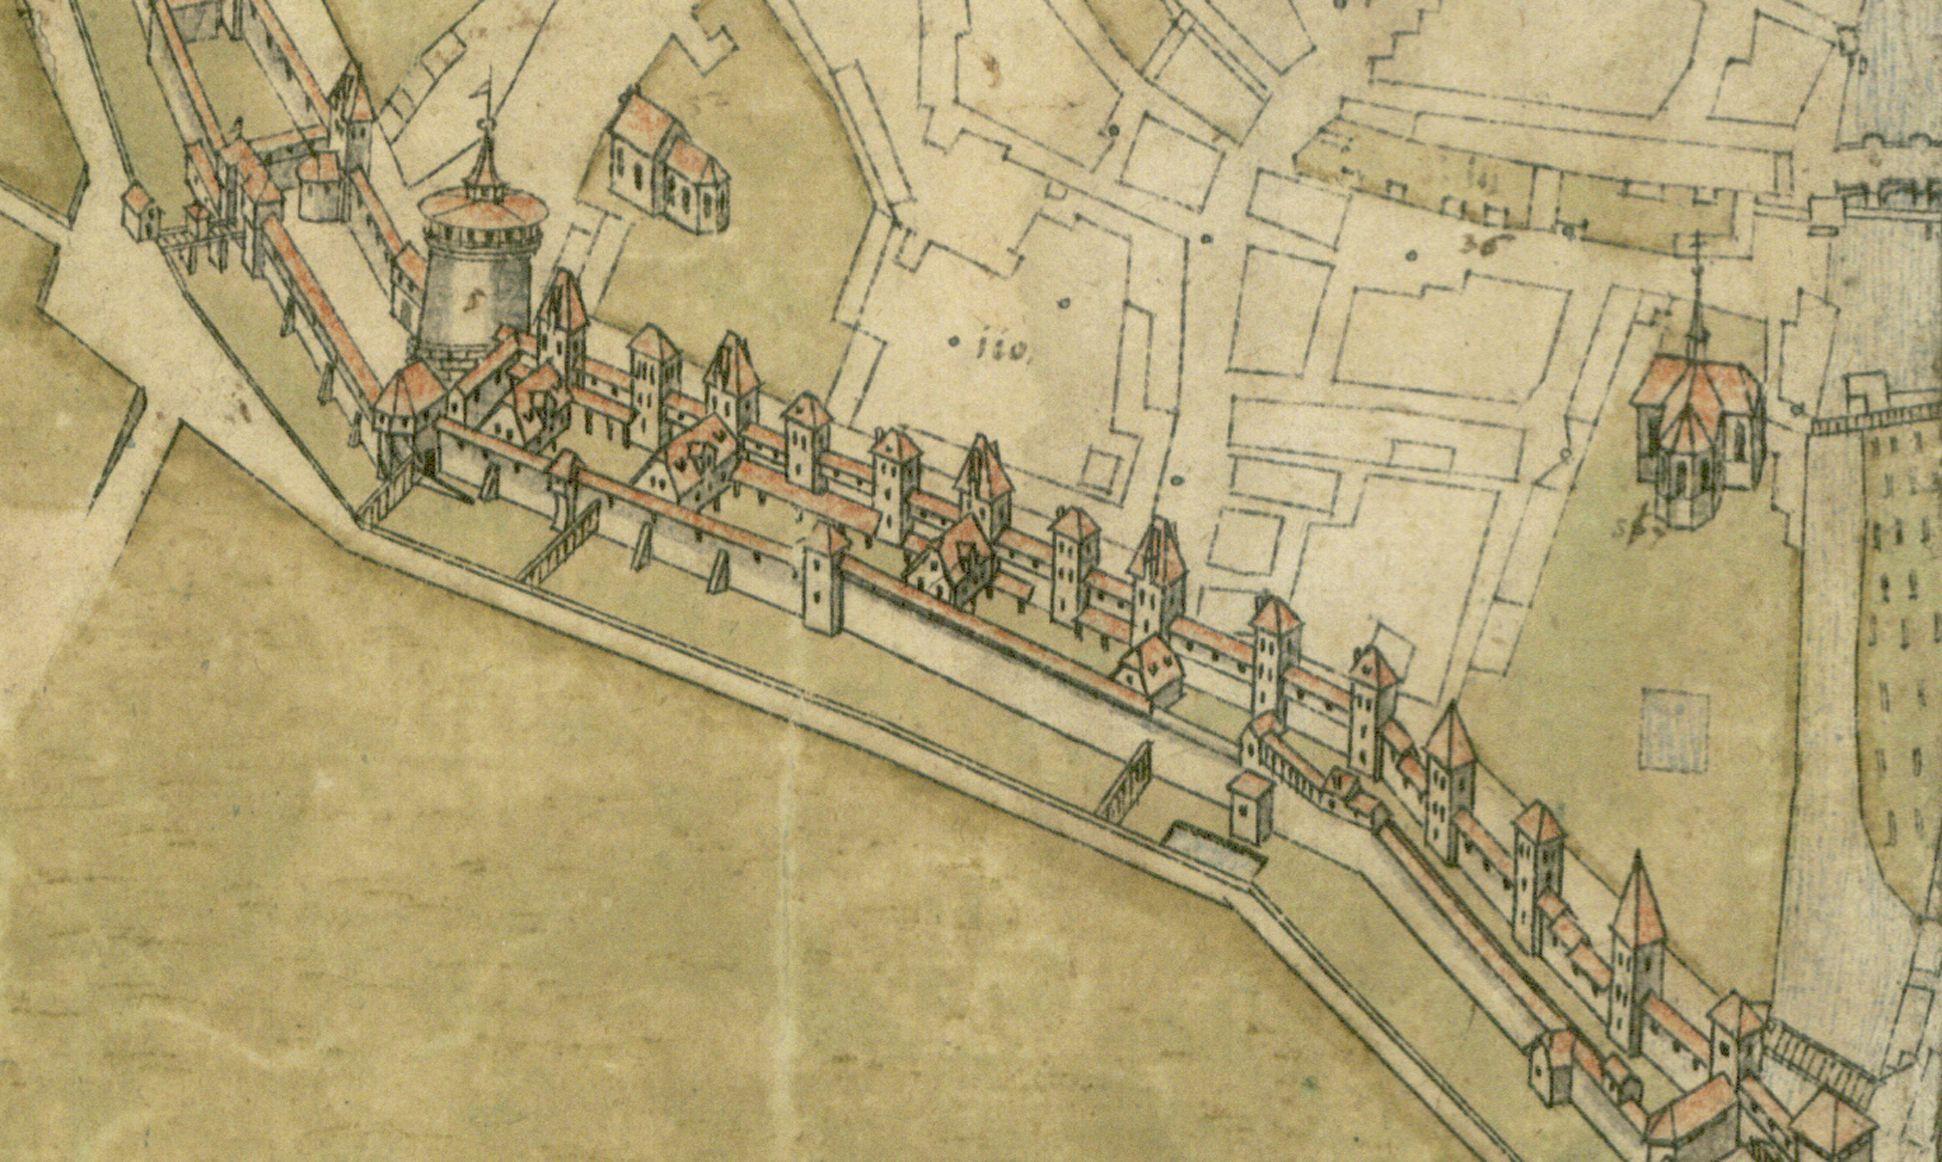 Steilaufsicht von Osten Detail Königstormauer mit Frauentor (links, daneben Marthakirche); rechts mittig die Heilig-Grab-Kapelle